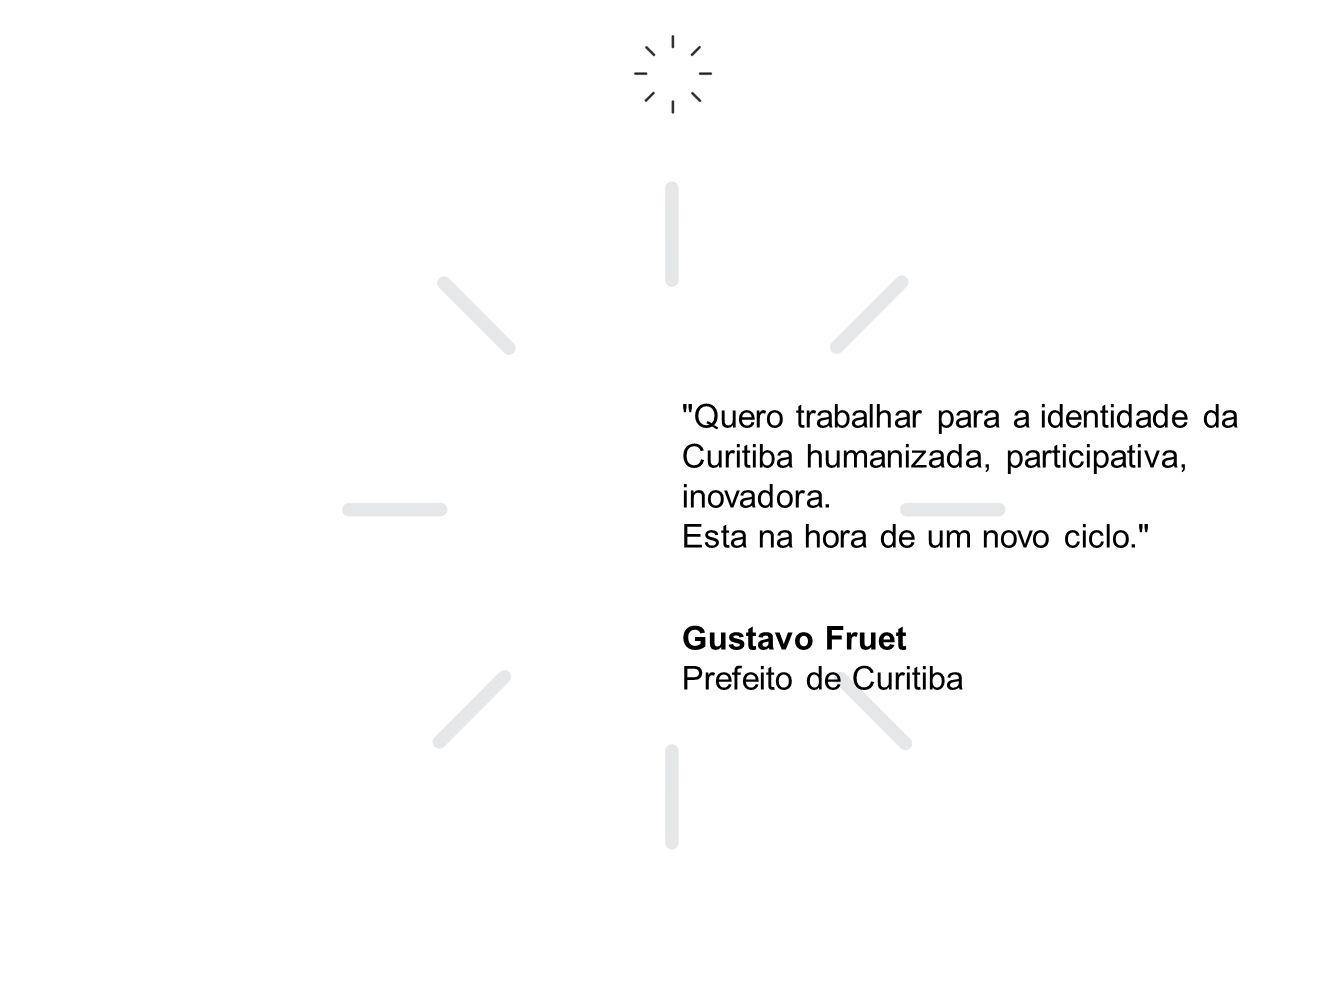 Quero trabalhar para a identidade da Curitiba humanizada, participativa, inovadora.